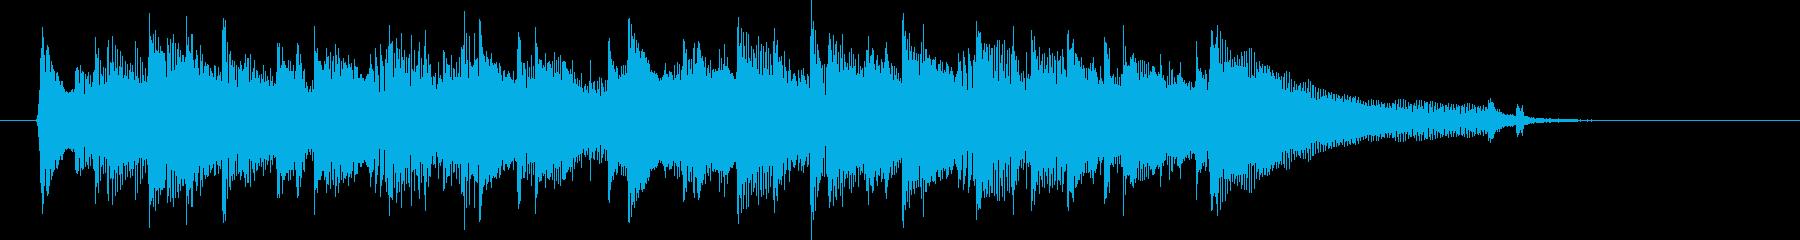 アコギ、明るい、感動、日常、CM15秒2の再生済みの波形